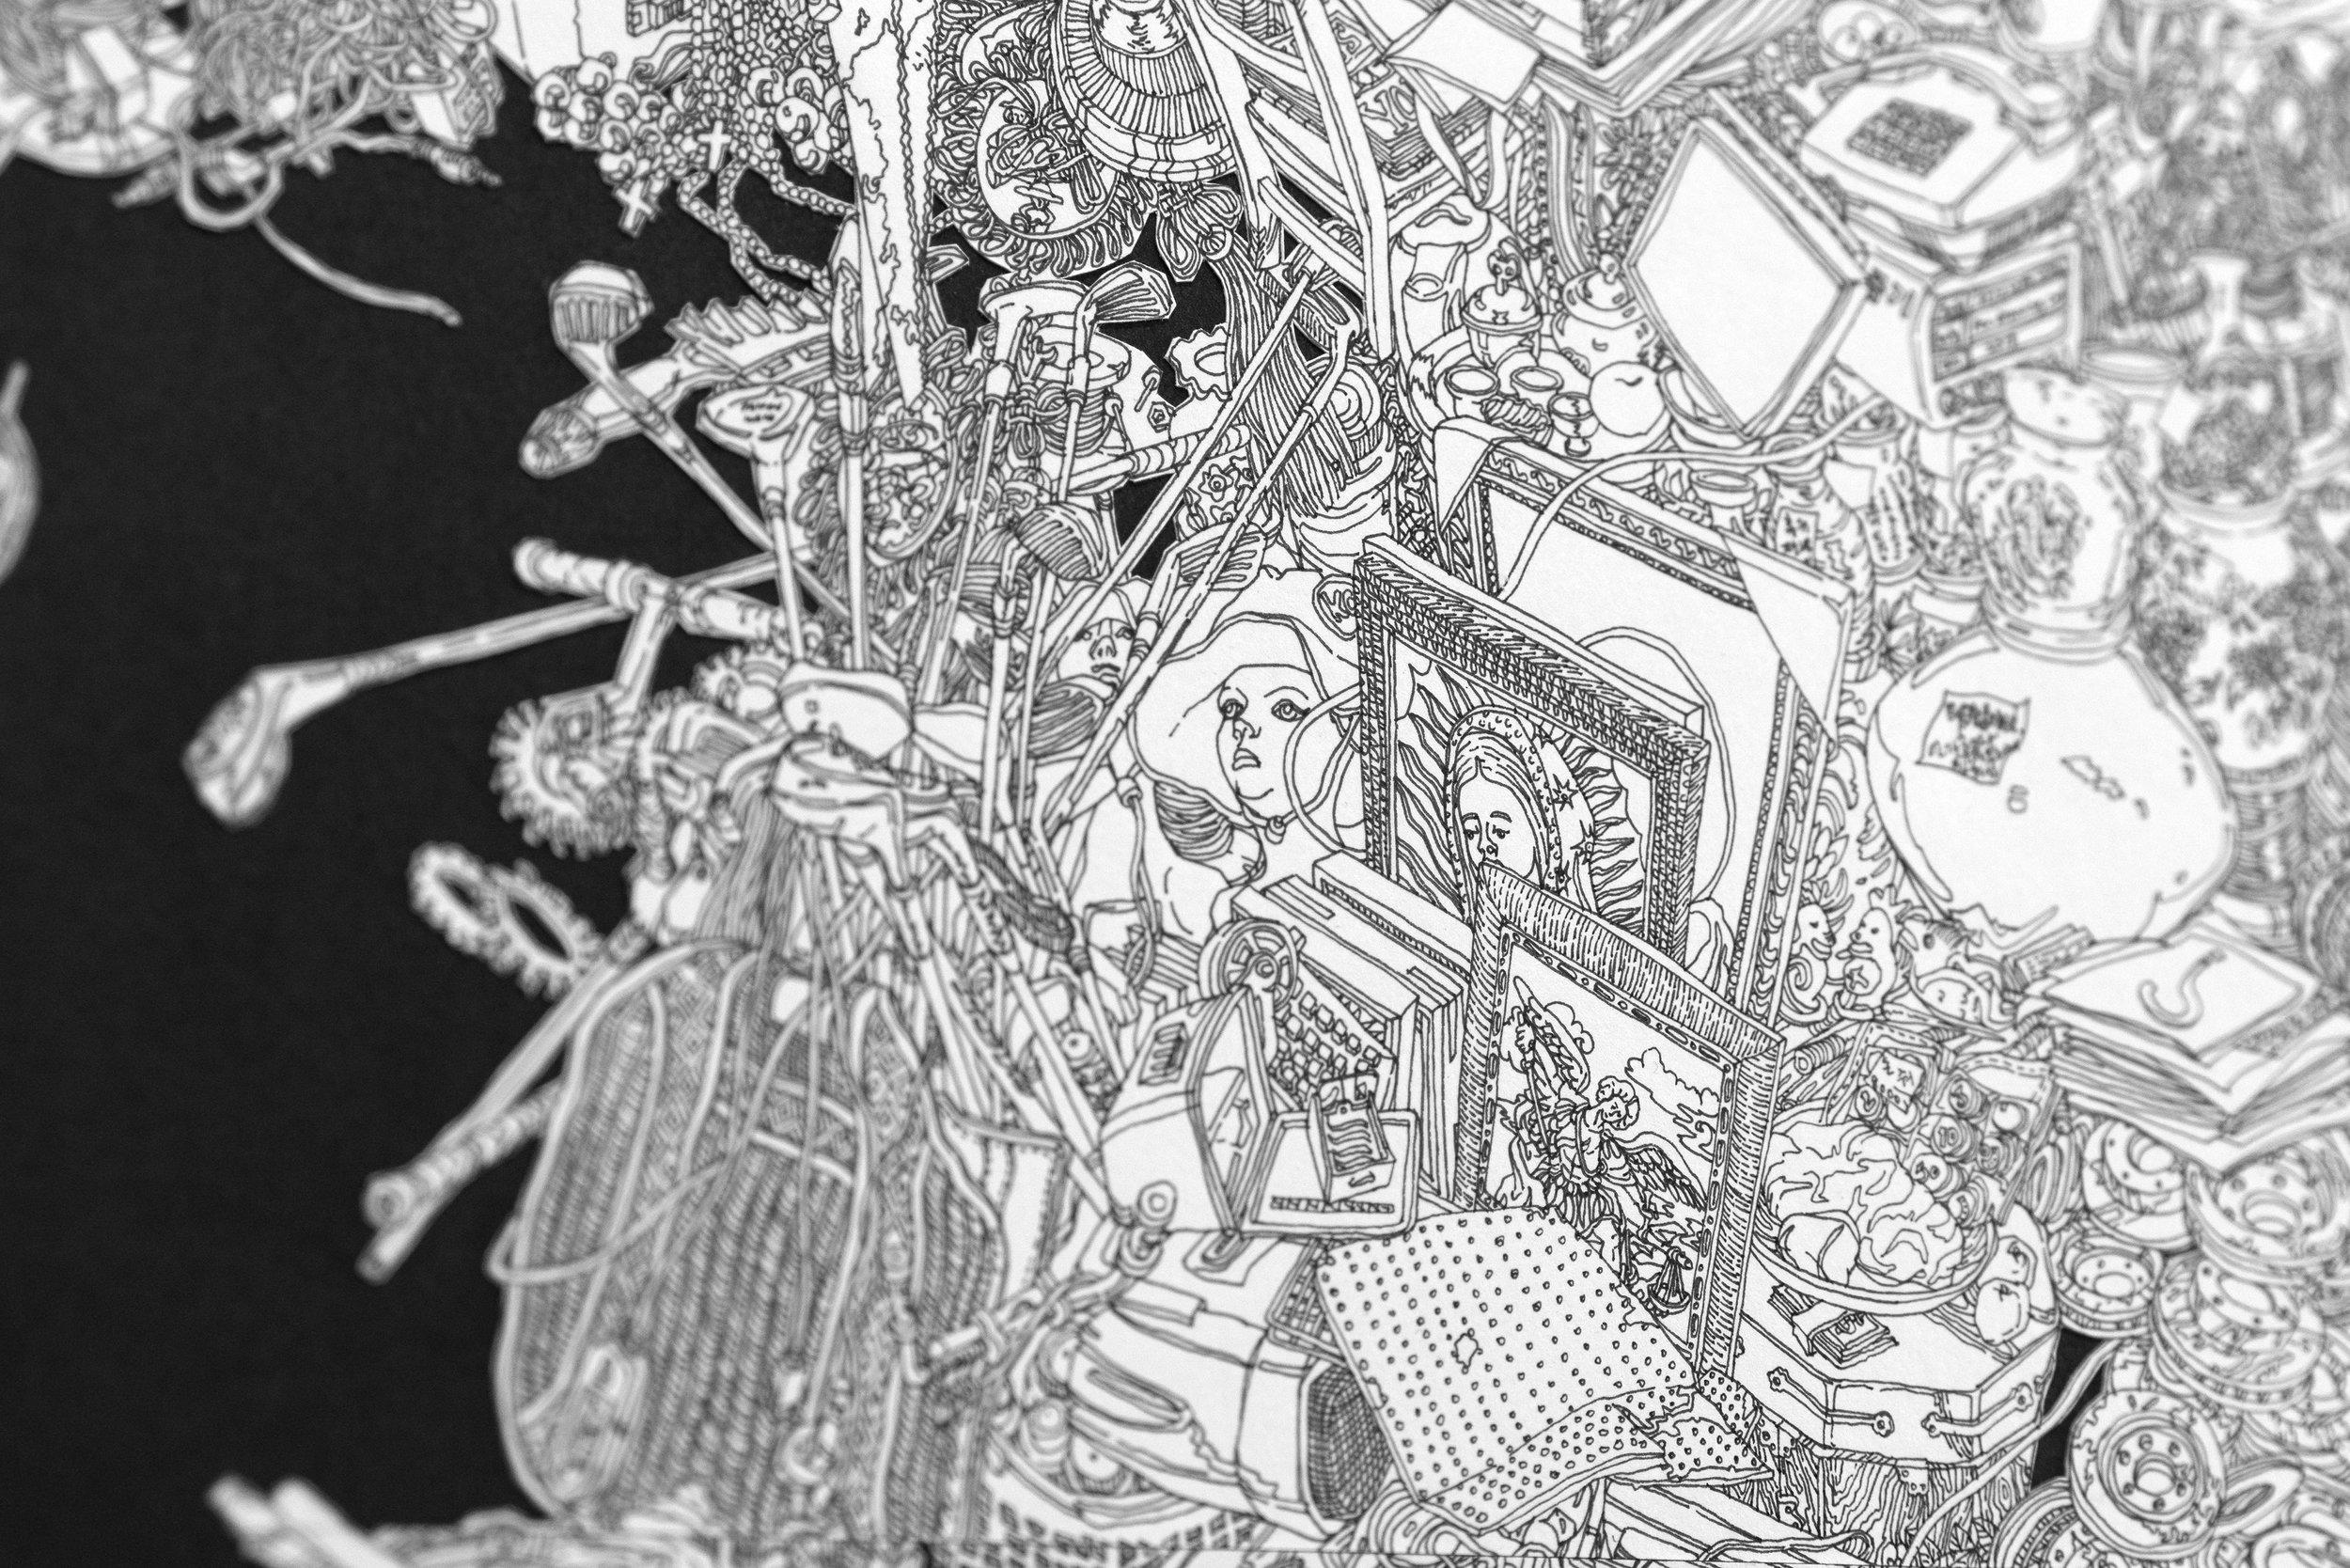 StillLifewithTypewriter_60''x21''_Ped drawing collage on Paper_2019_detail5.jpg